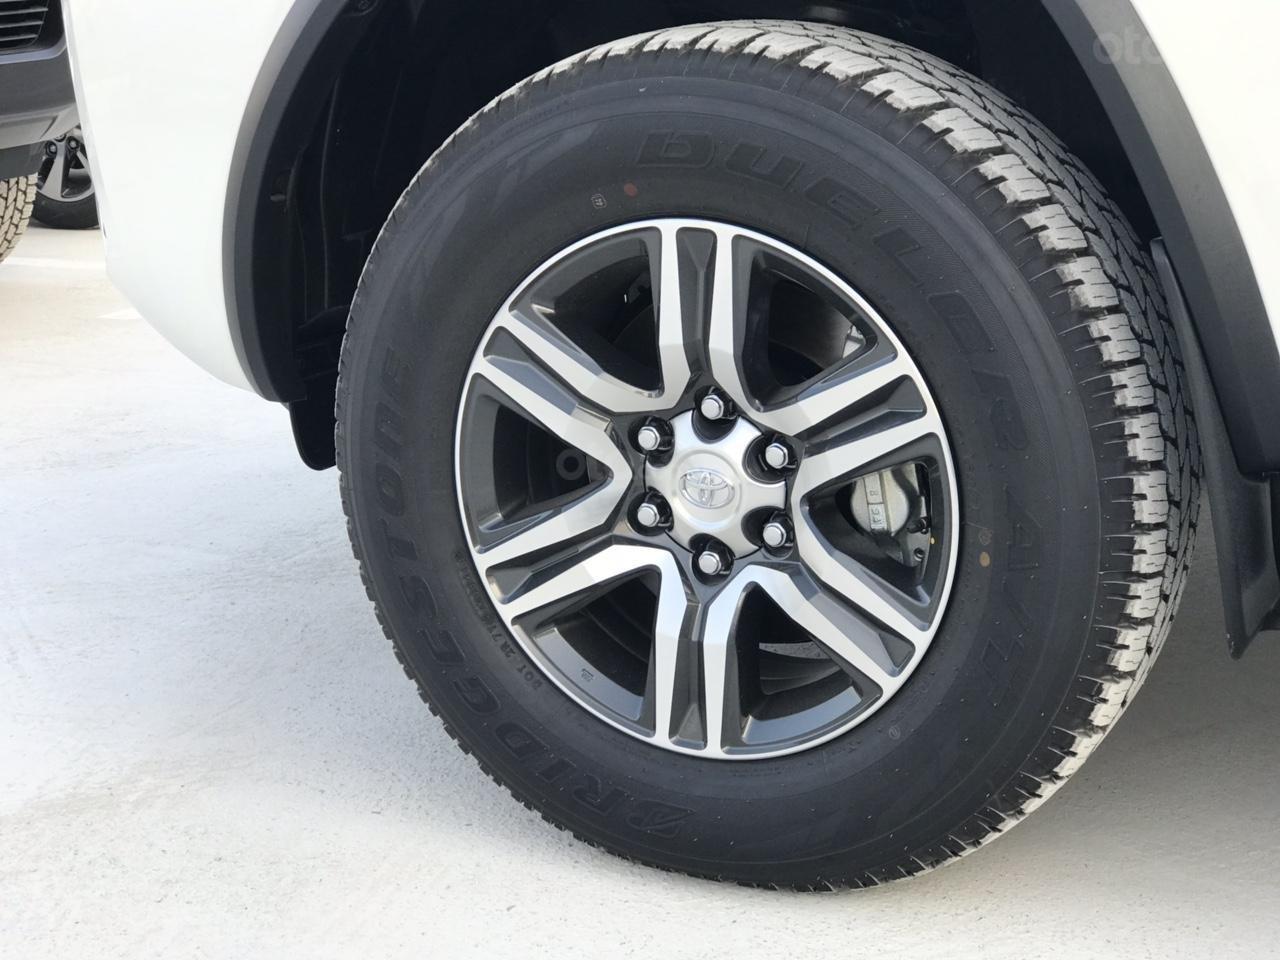 Toyota Fortuner 2.4 G số tự động 1 cầu 2020 tặng thuế TB, tặng BHVC + phụ kiện cao cấp, trả góp từ 300tr - LH 0942456838 (8)